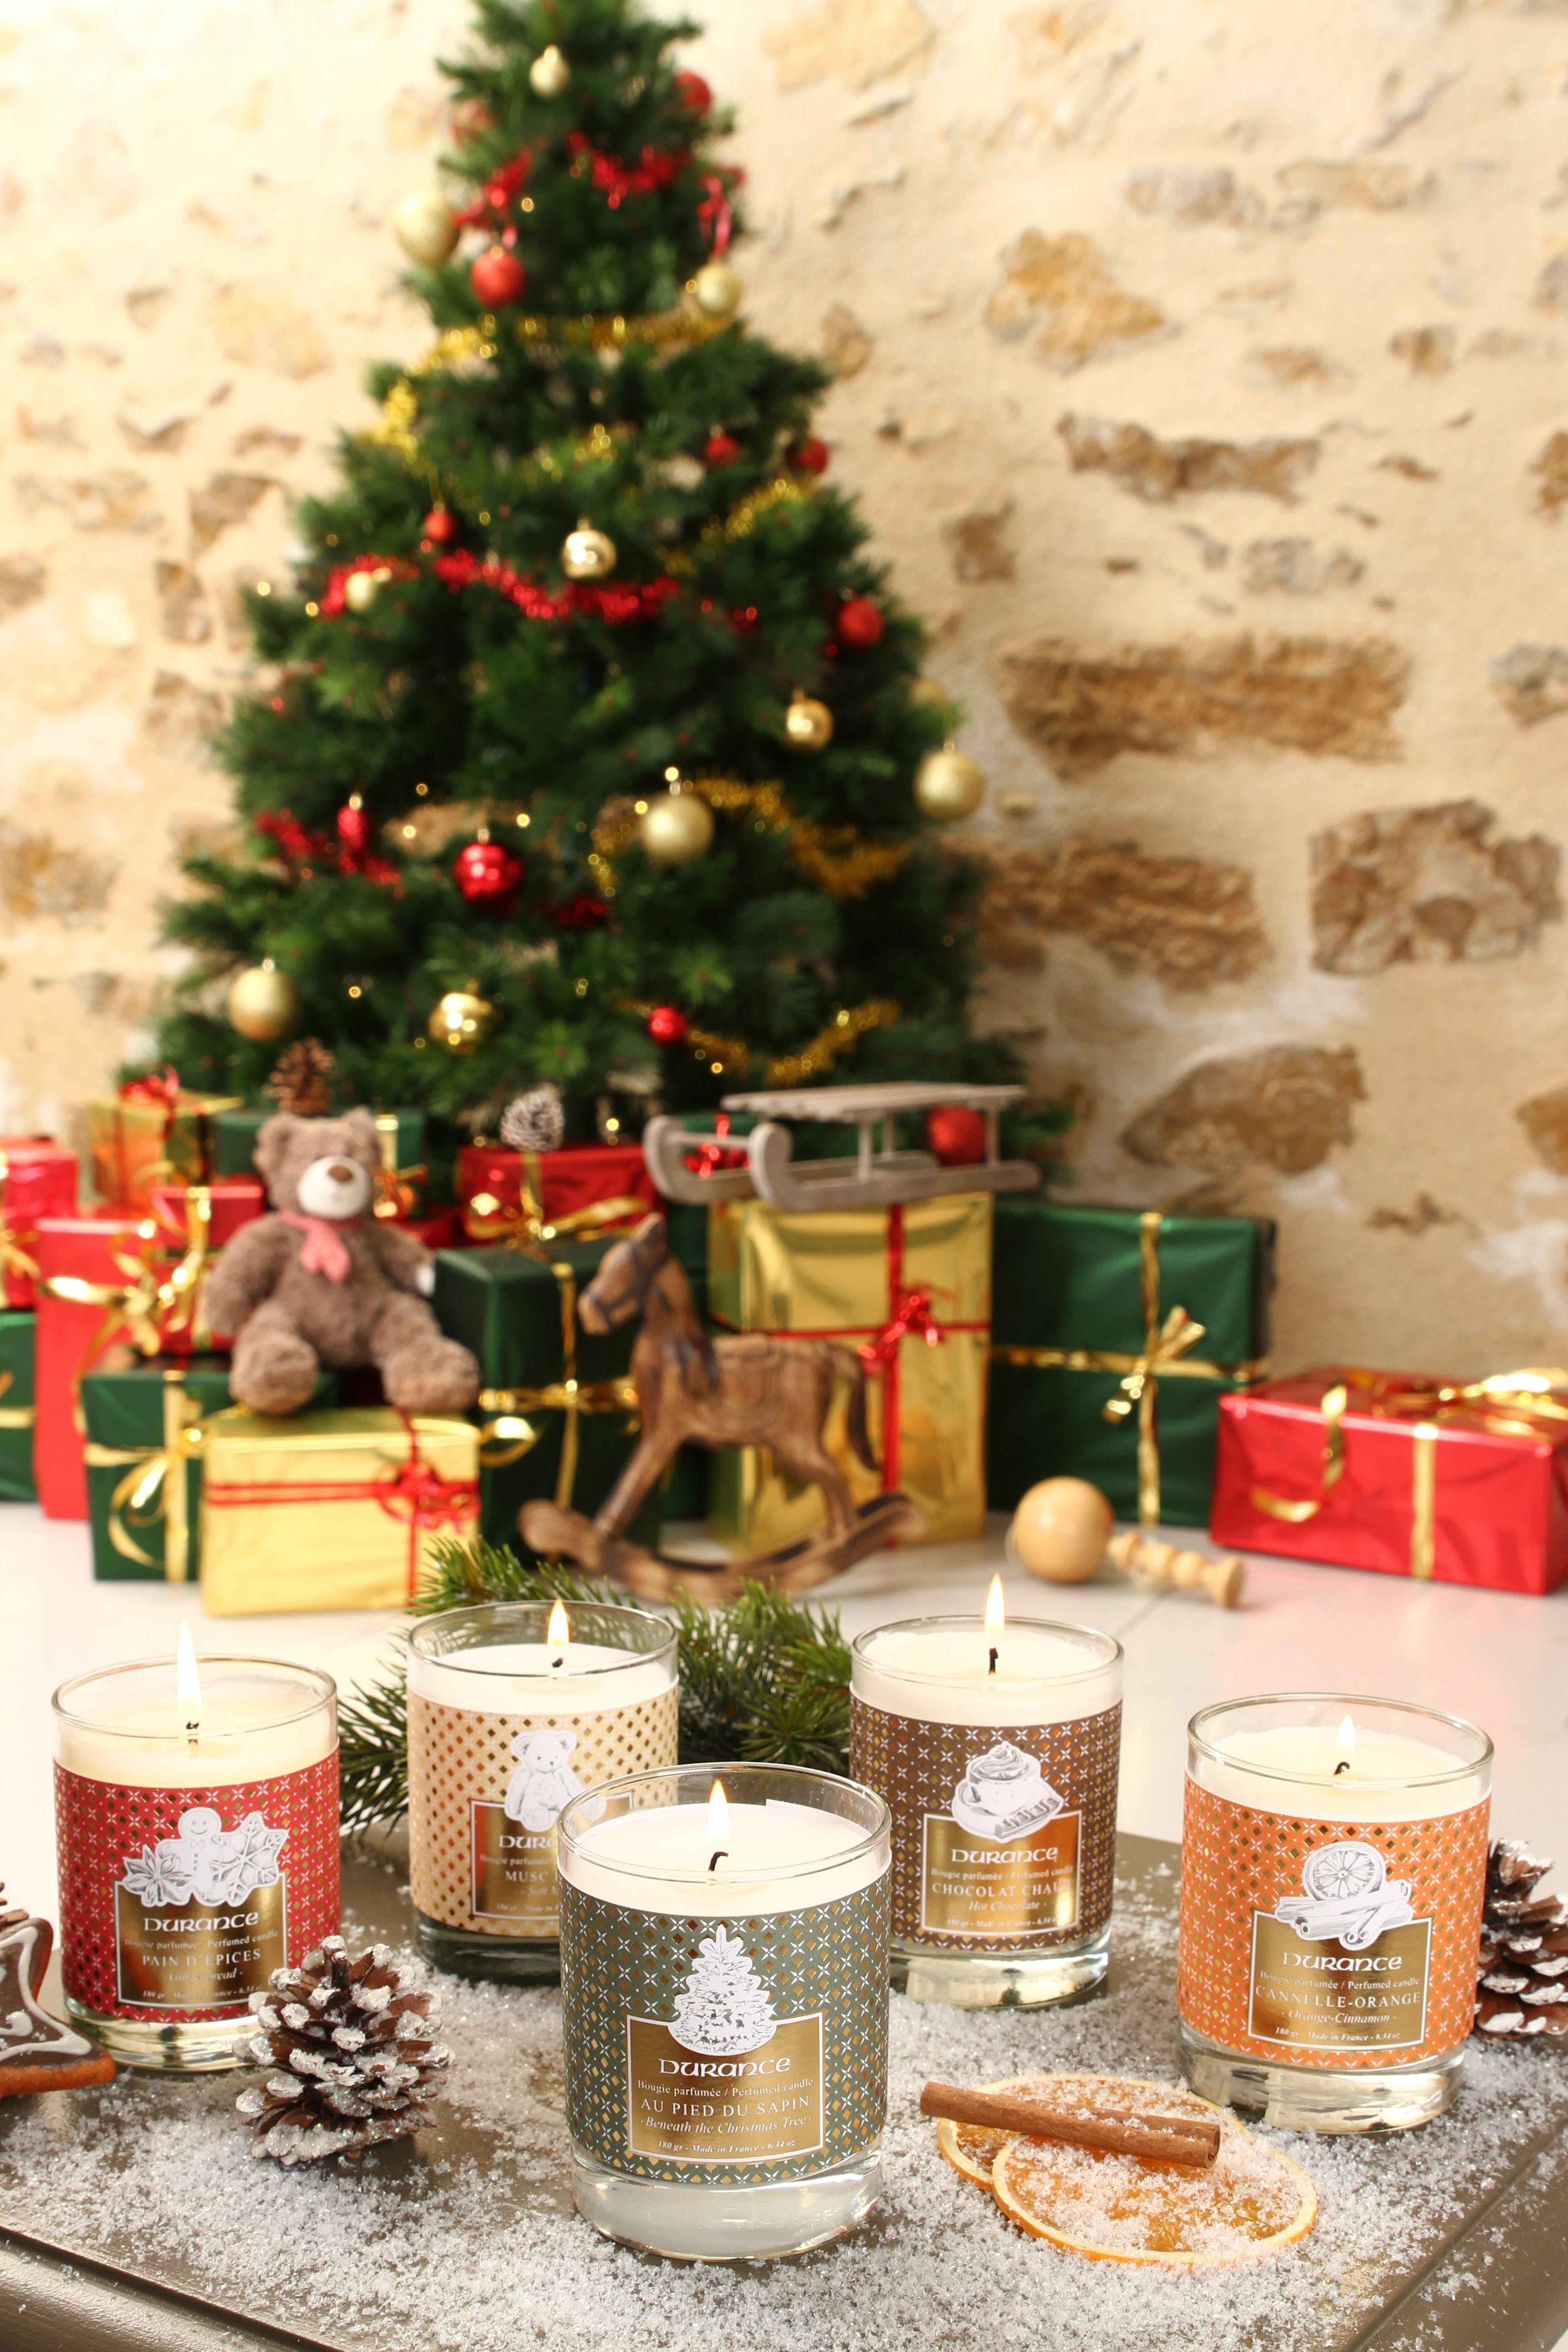 Decouvrez Les 5 Parfums De Notre Collection De Noel A Travers Ces Bougies Parfumees Holiday Decor Holiday Christmas Tree